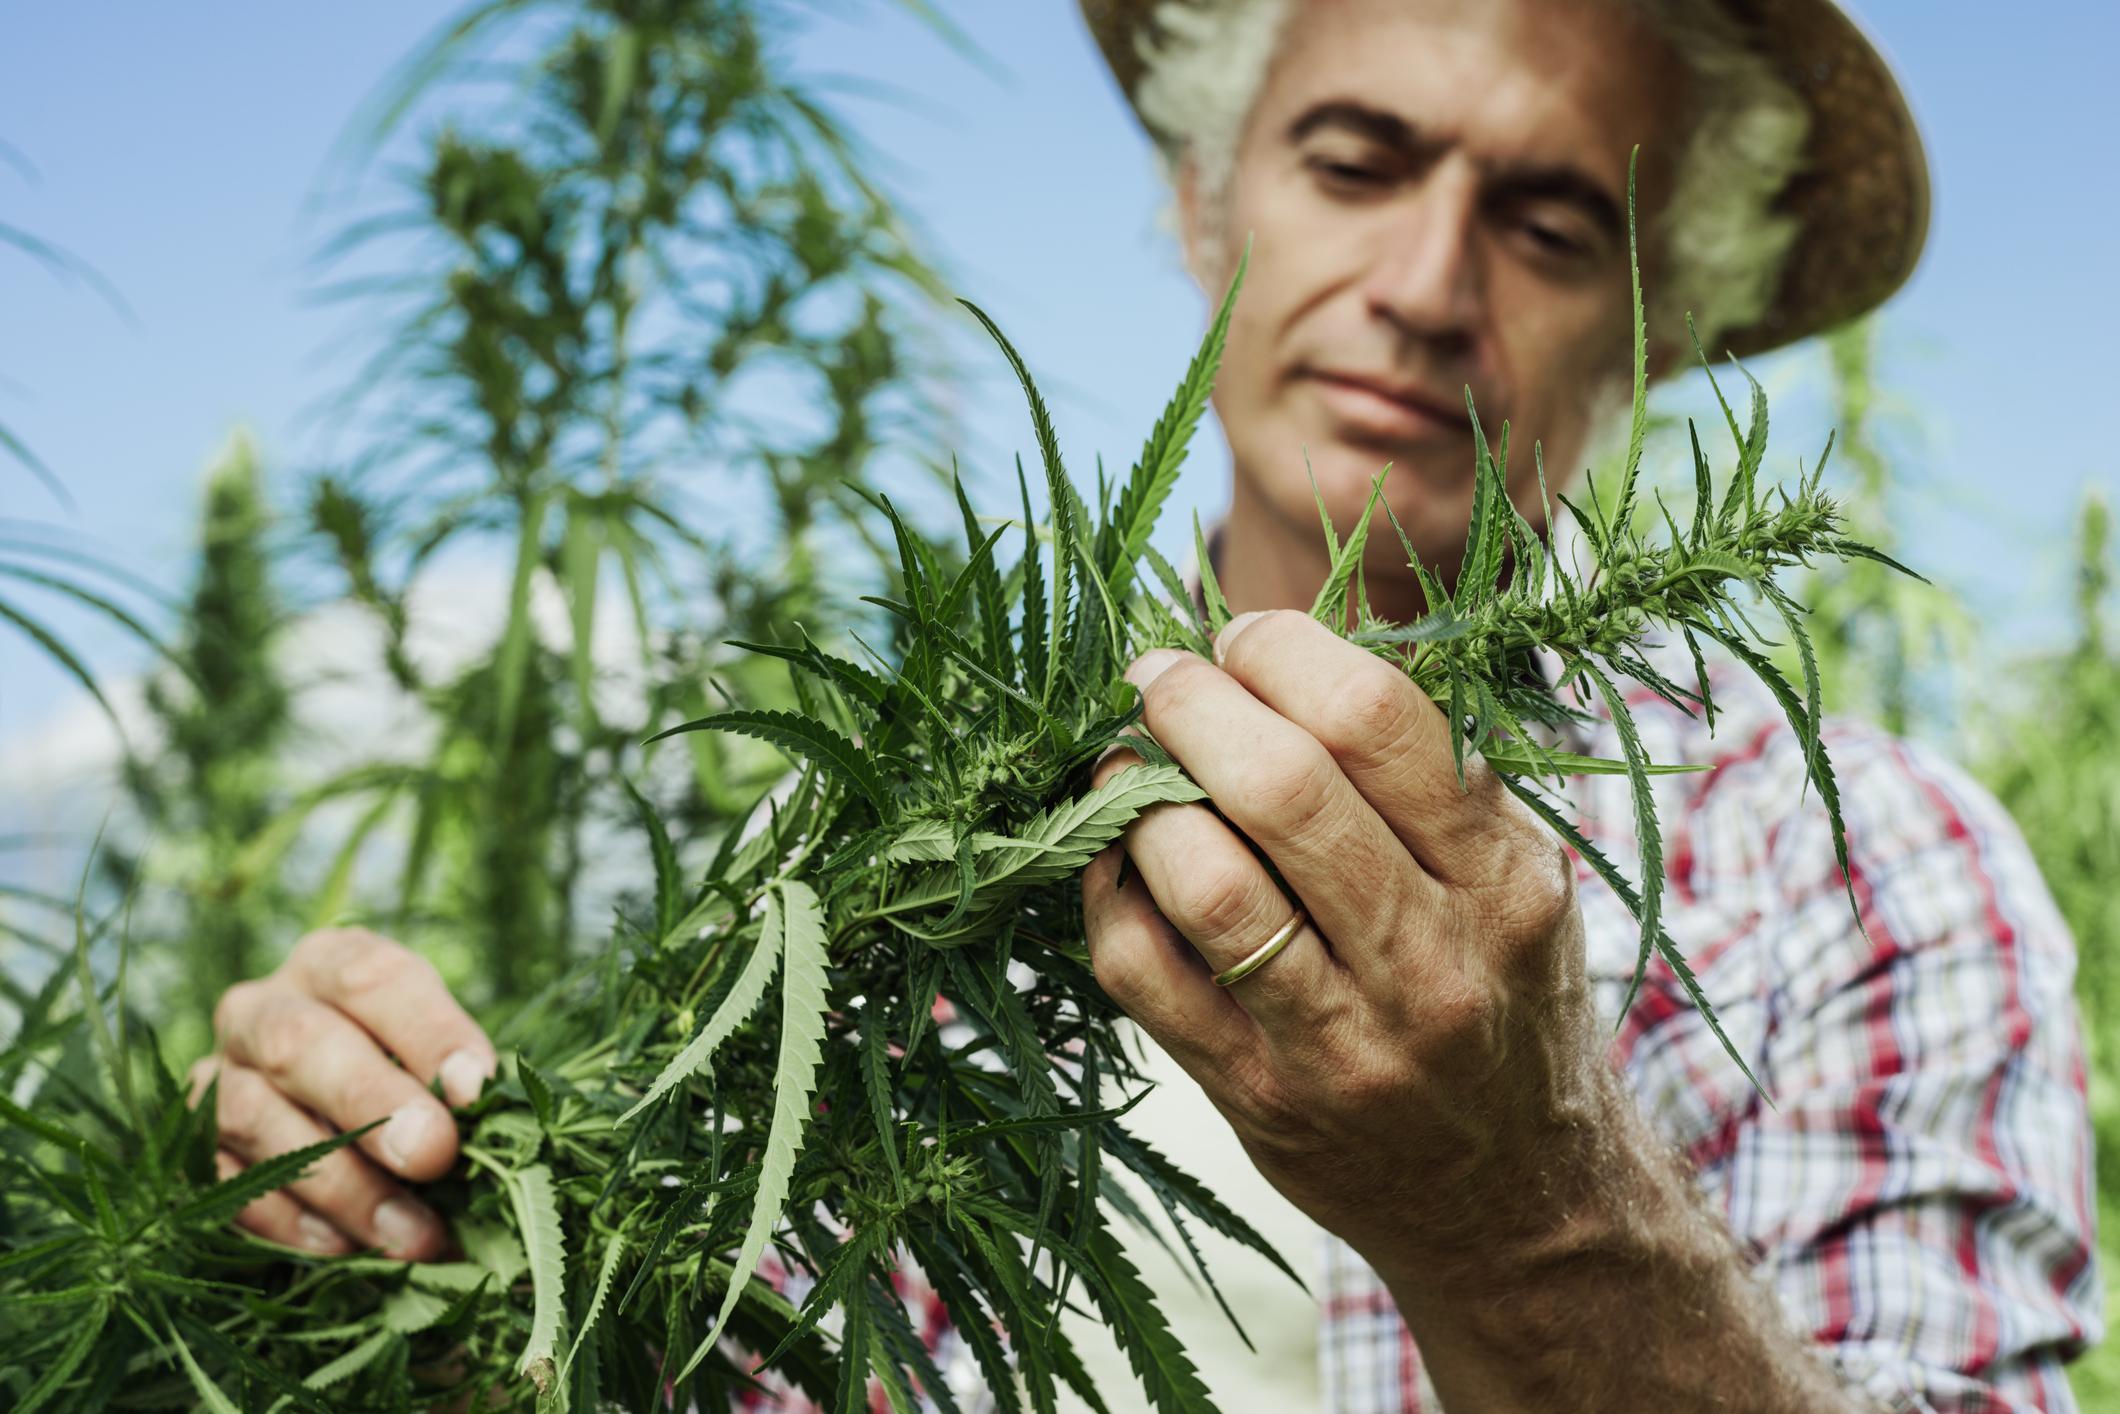 A farmer examines a marijuana plant outside.